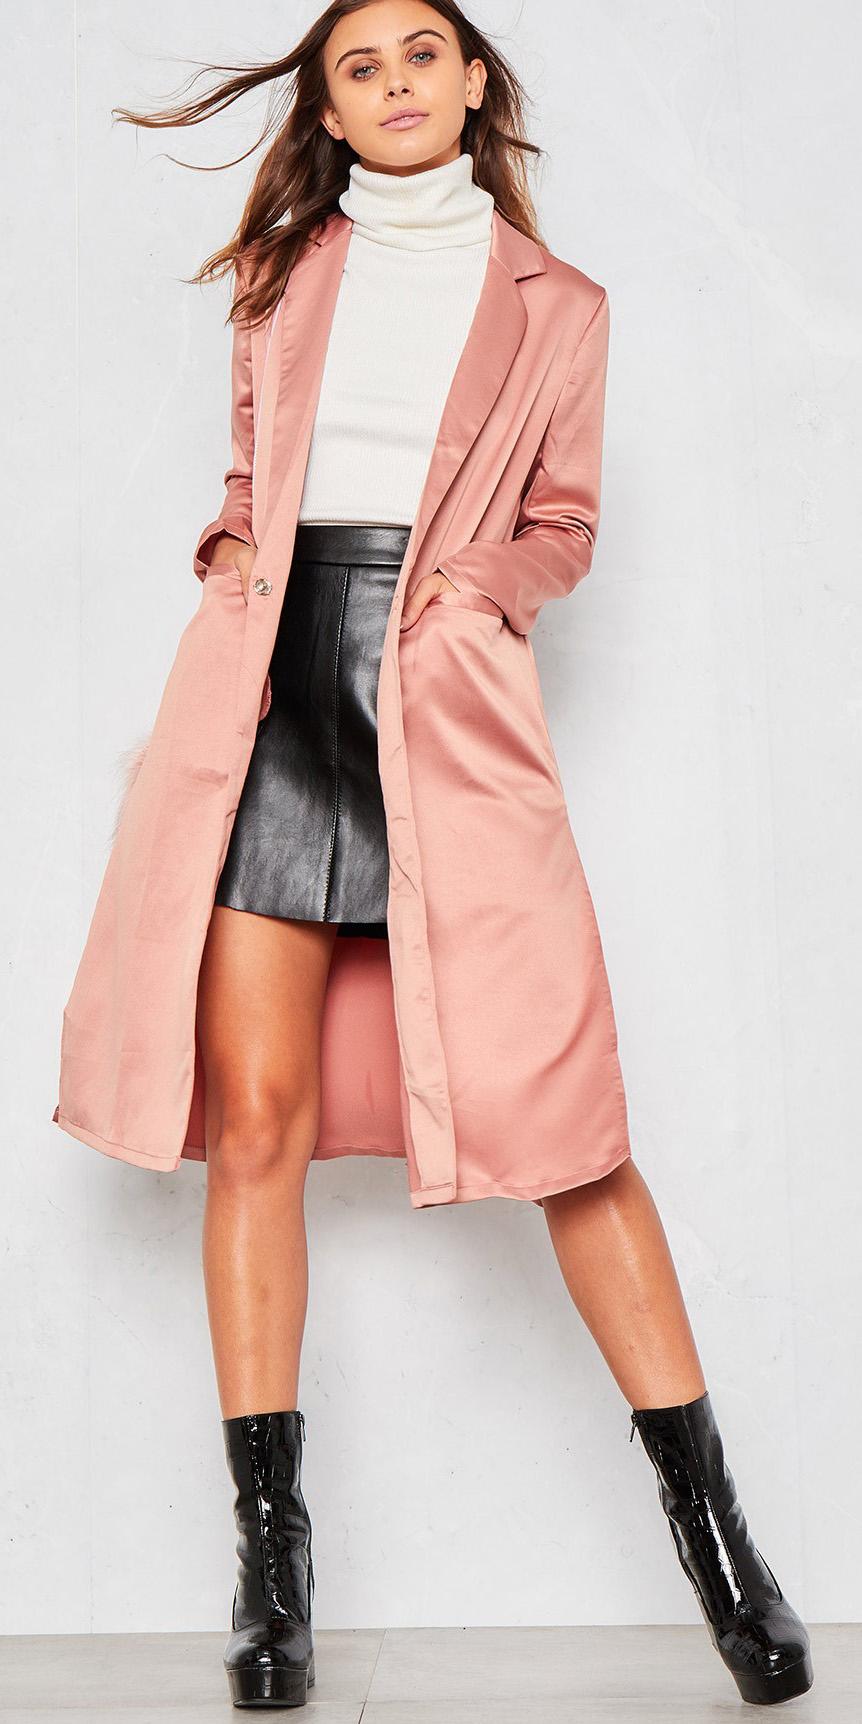 black-mini-skirt-white-sweater-turtleneck-black-shoe-booties-pink-light-jacket-coat-fall-winter-hairr-dinner.jpg